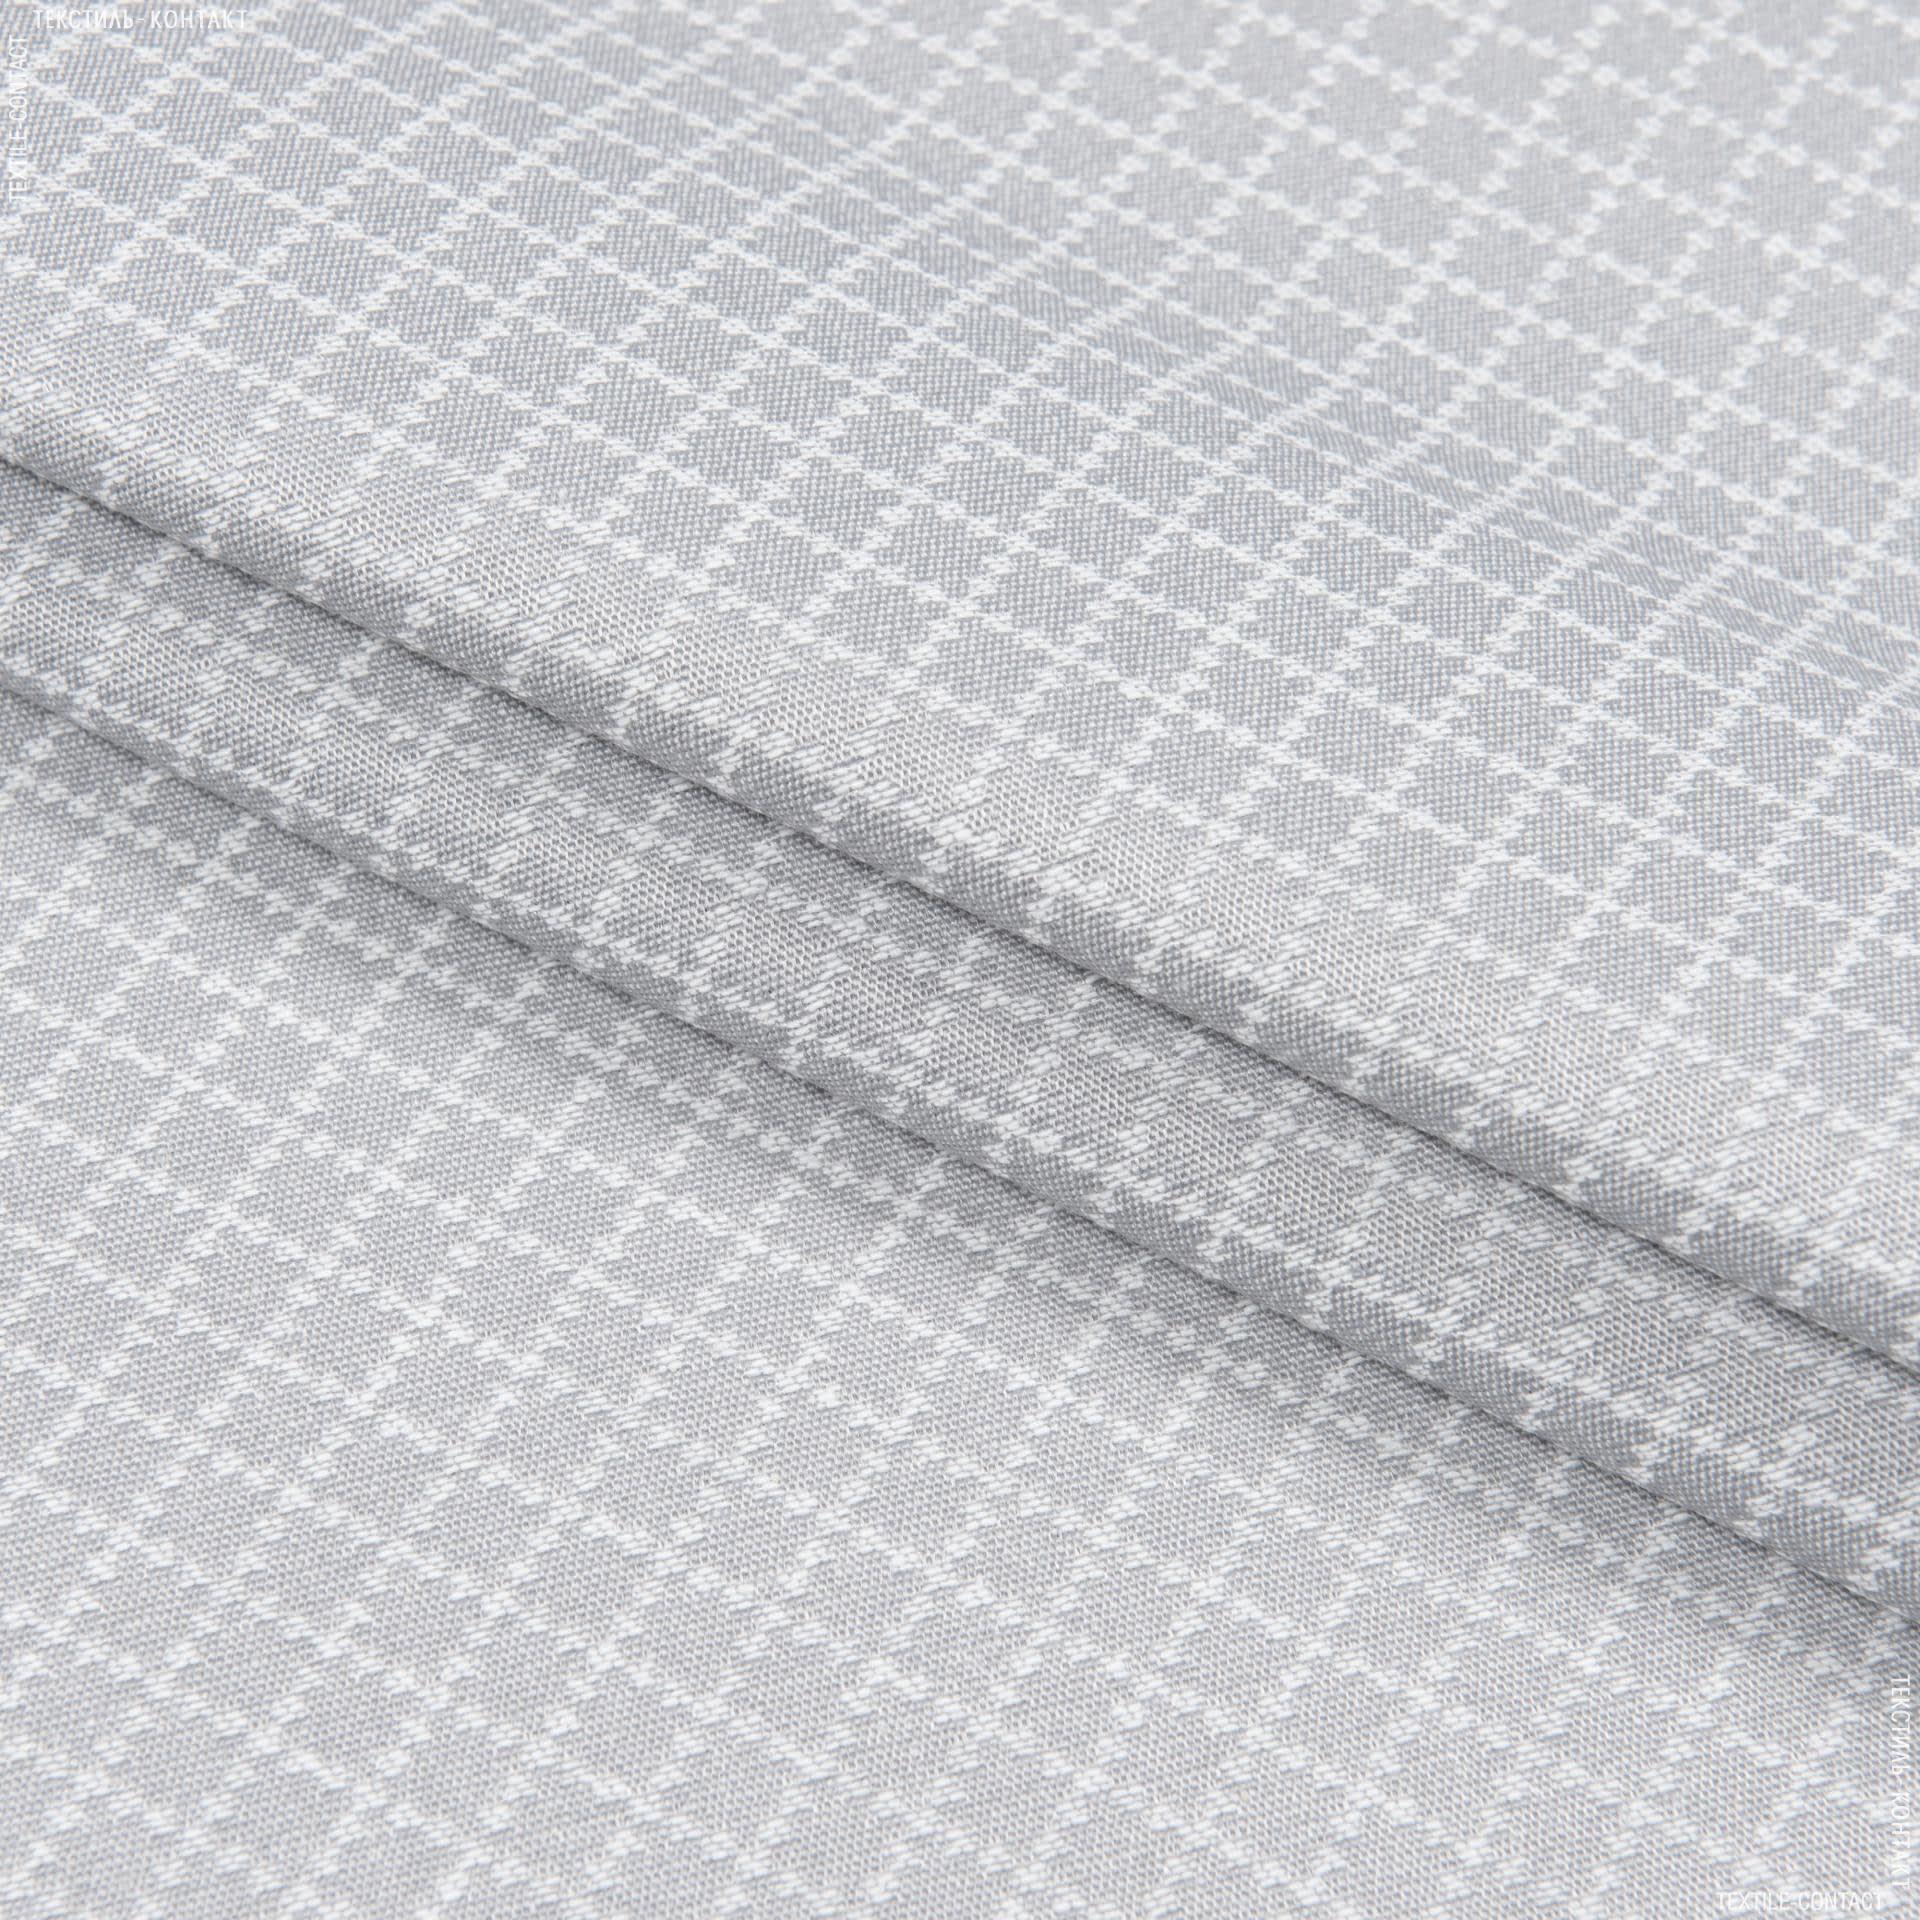 Тканини horeca - Скатертна тканина алоє св.сірий